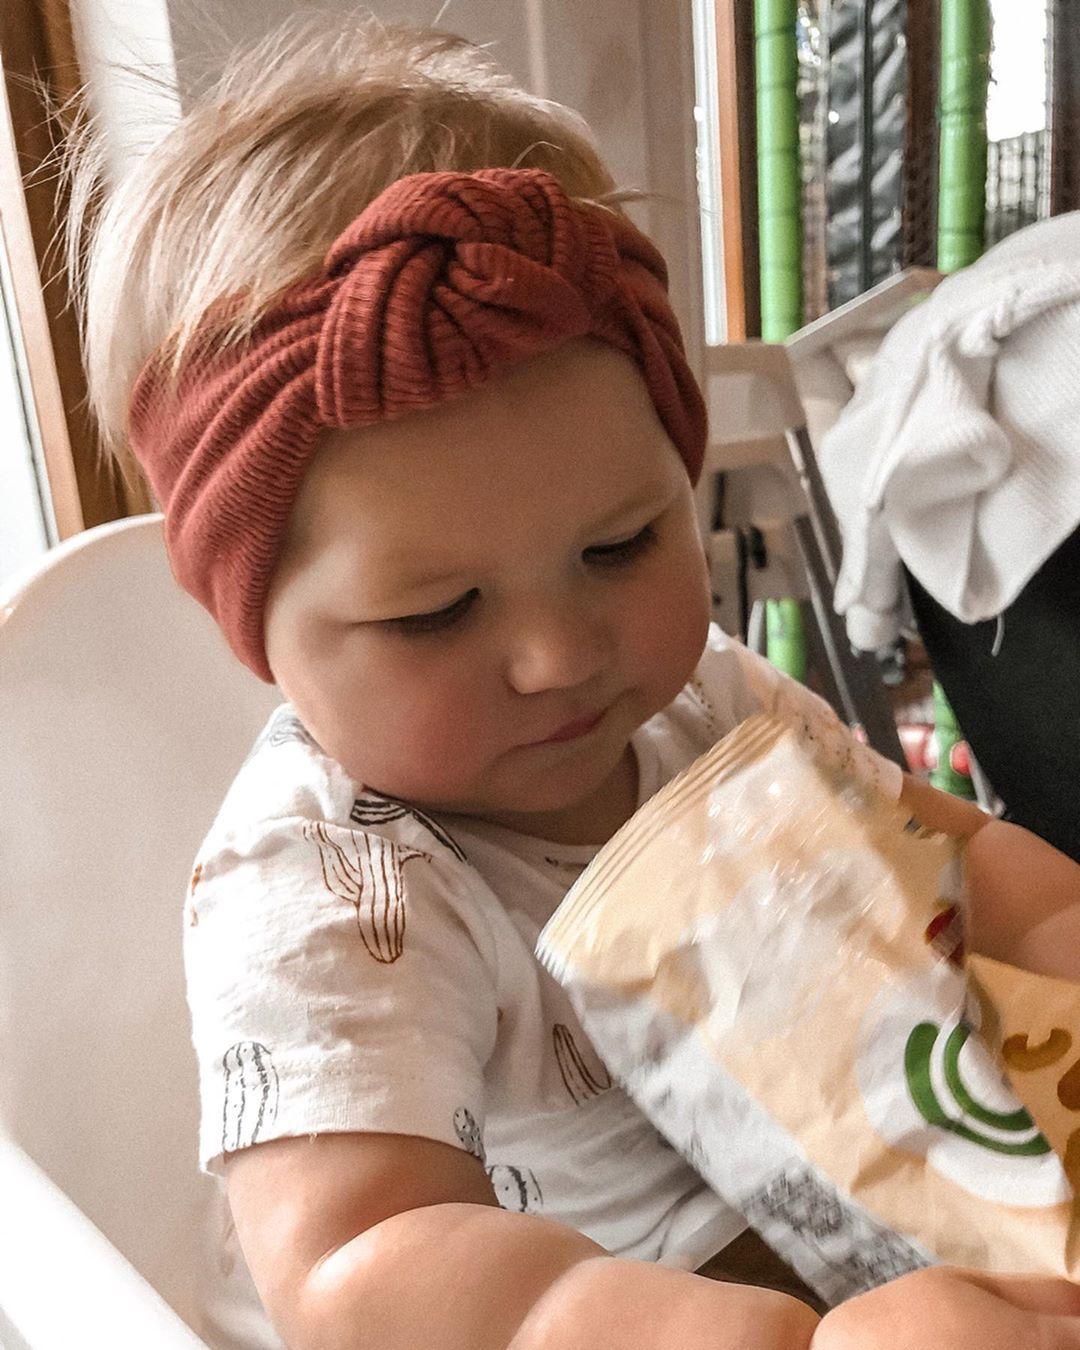 Headband with Bow Baby Girl Flower Knotted Headband Turban Headband Top Knot Navy Blue Floral Baby Headband Ready to Ship!